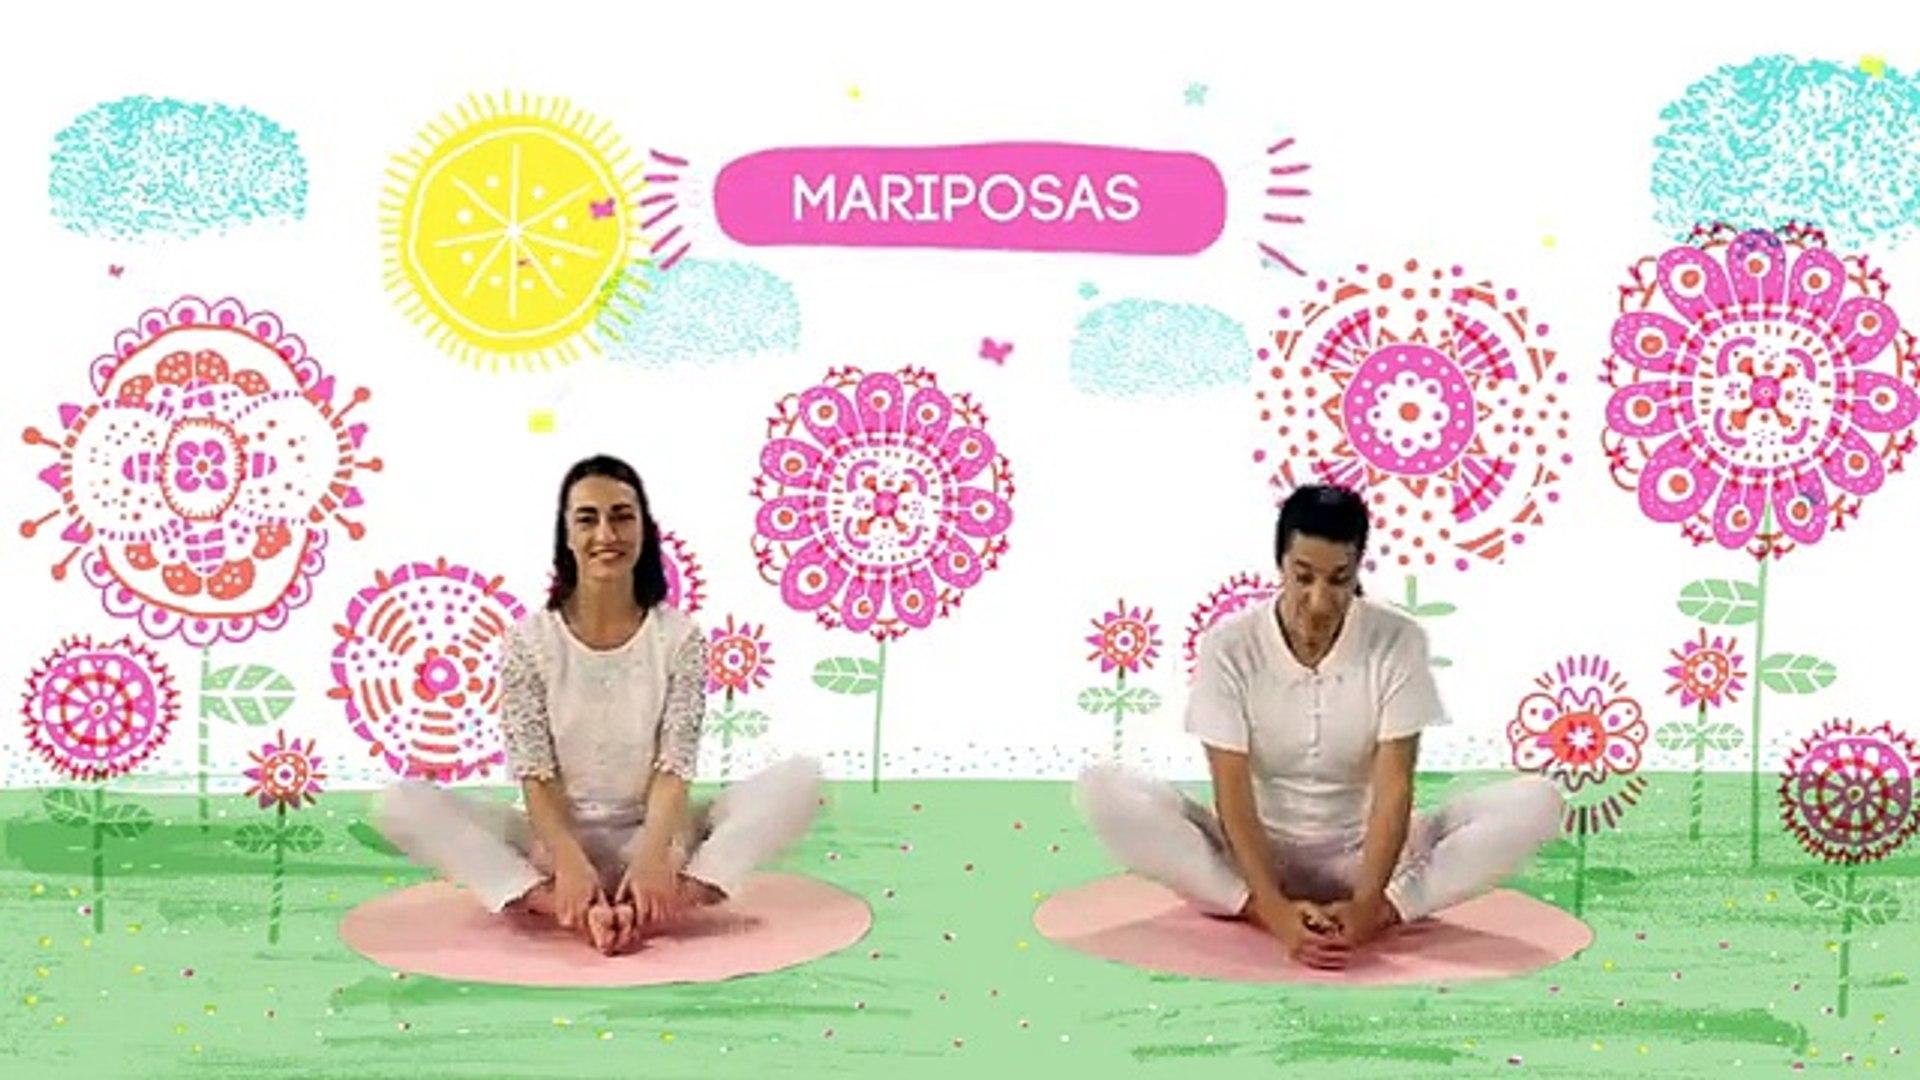 Yogic Yoga Para Ninos Capsula El Cuento De Las Mariposas Juegos Y Canciones Infantiles Dailymotion Video